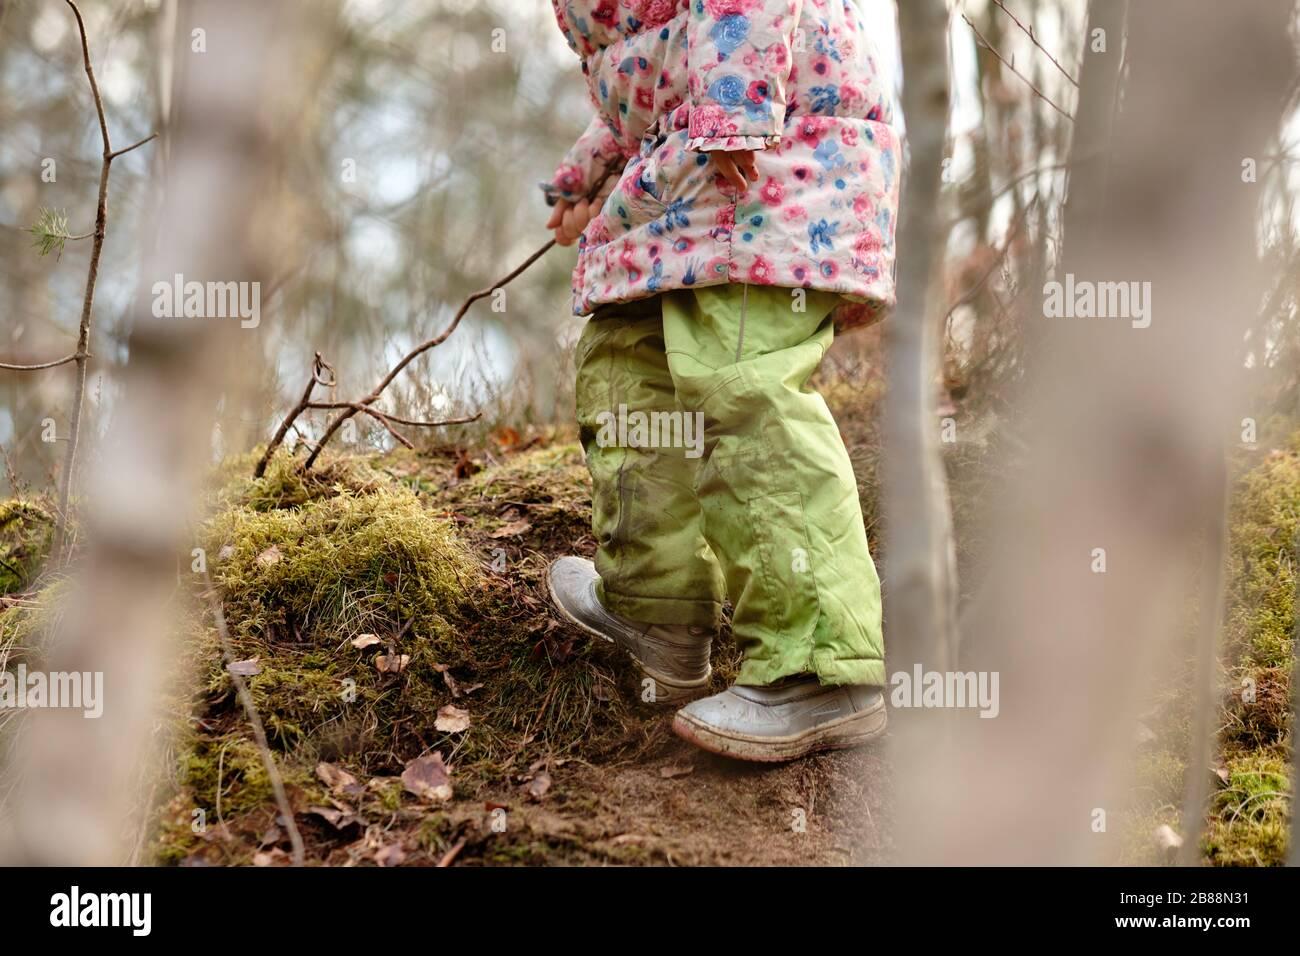 Une petite partie d'une fille caucasienne en vêtements chauds jouant dans la forêt au début du printemps en mars en Allemagne Banque D'Images